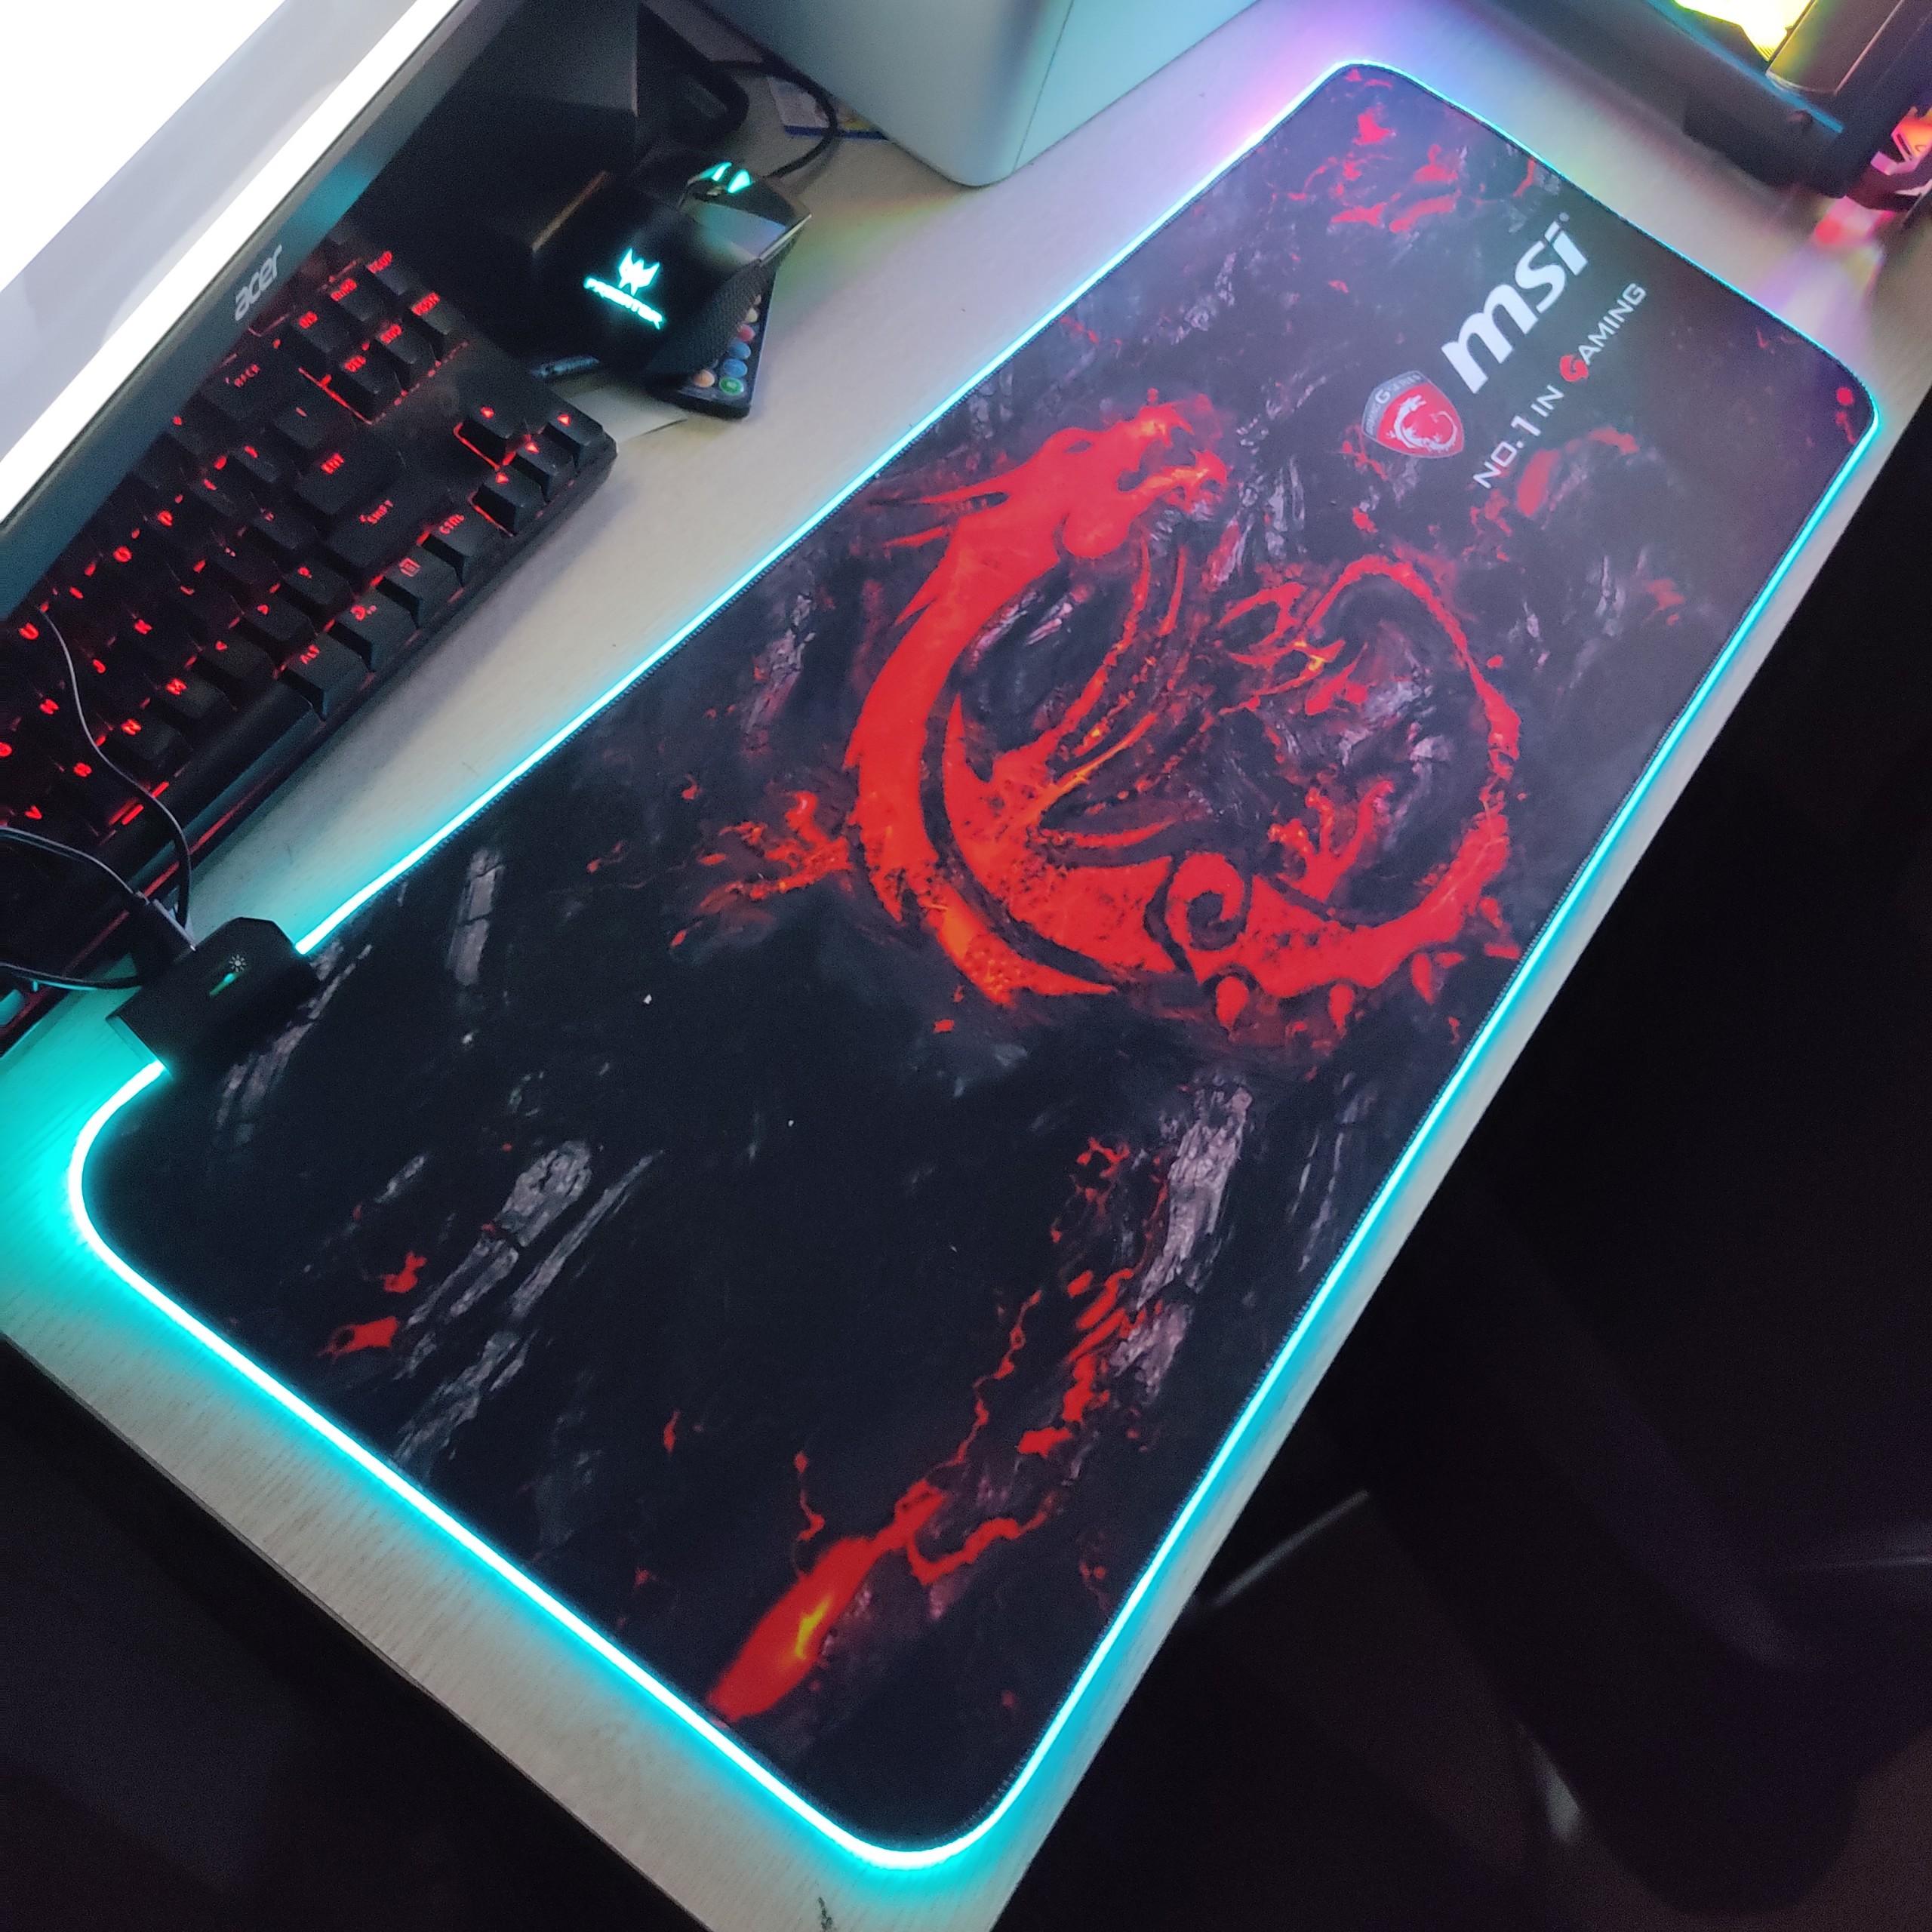 Mouse Pad, bàn di chuột, lót di chuột tích hợp Led RGB MSI sáng viền, kích thước 80cm x 30cm dày 4mm - Hàng nhập khẩu